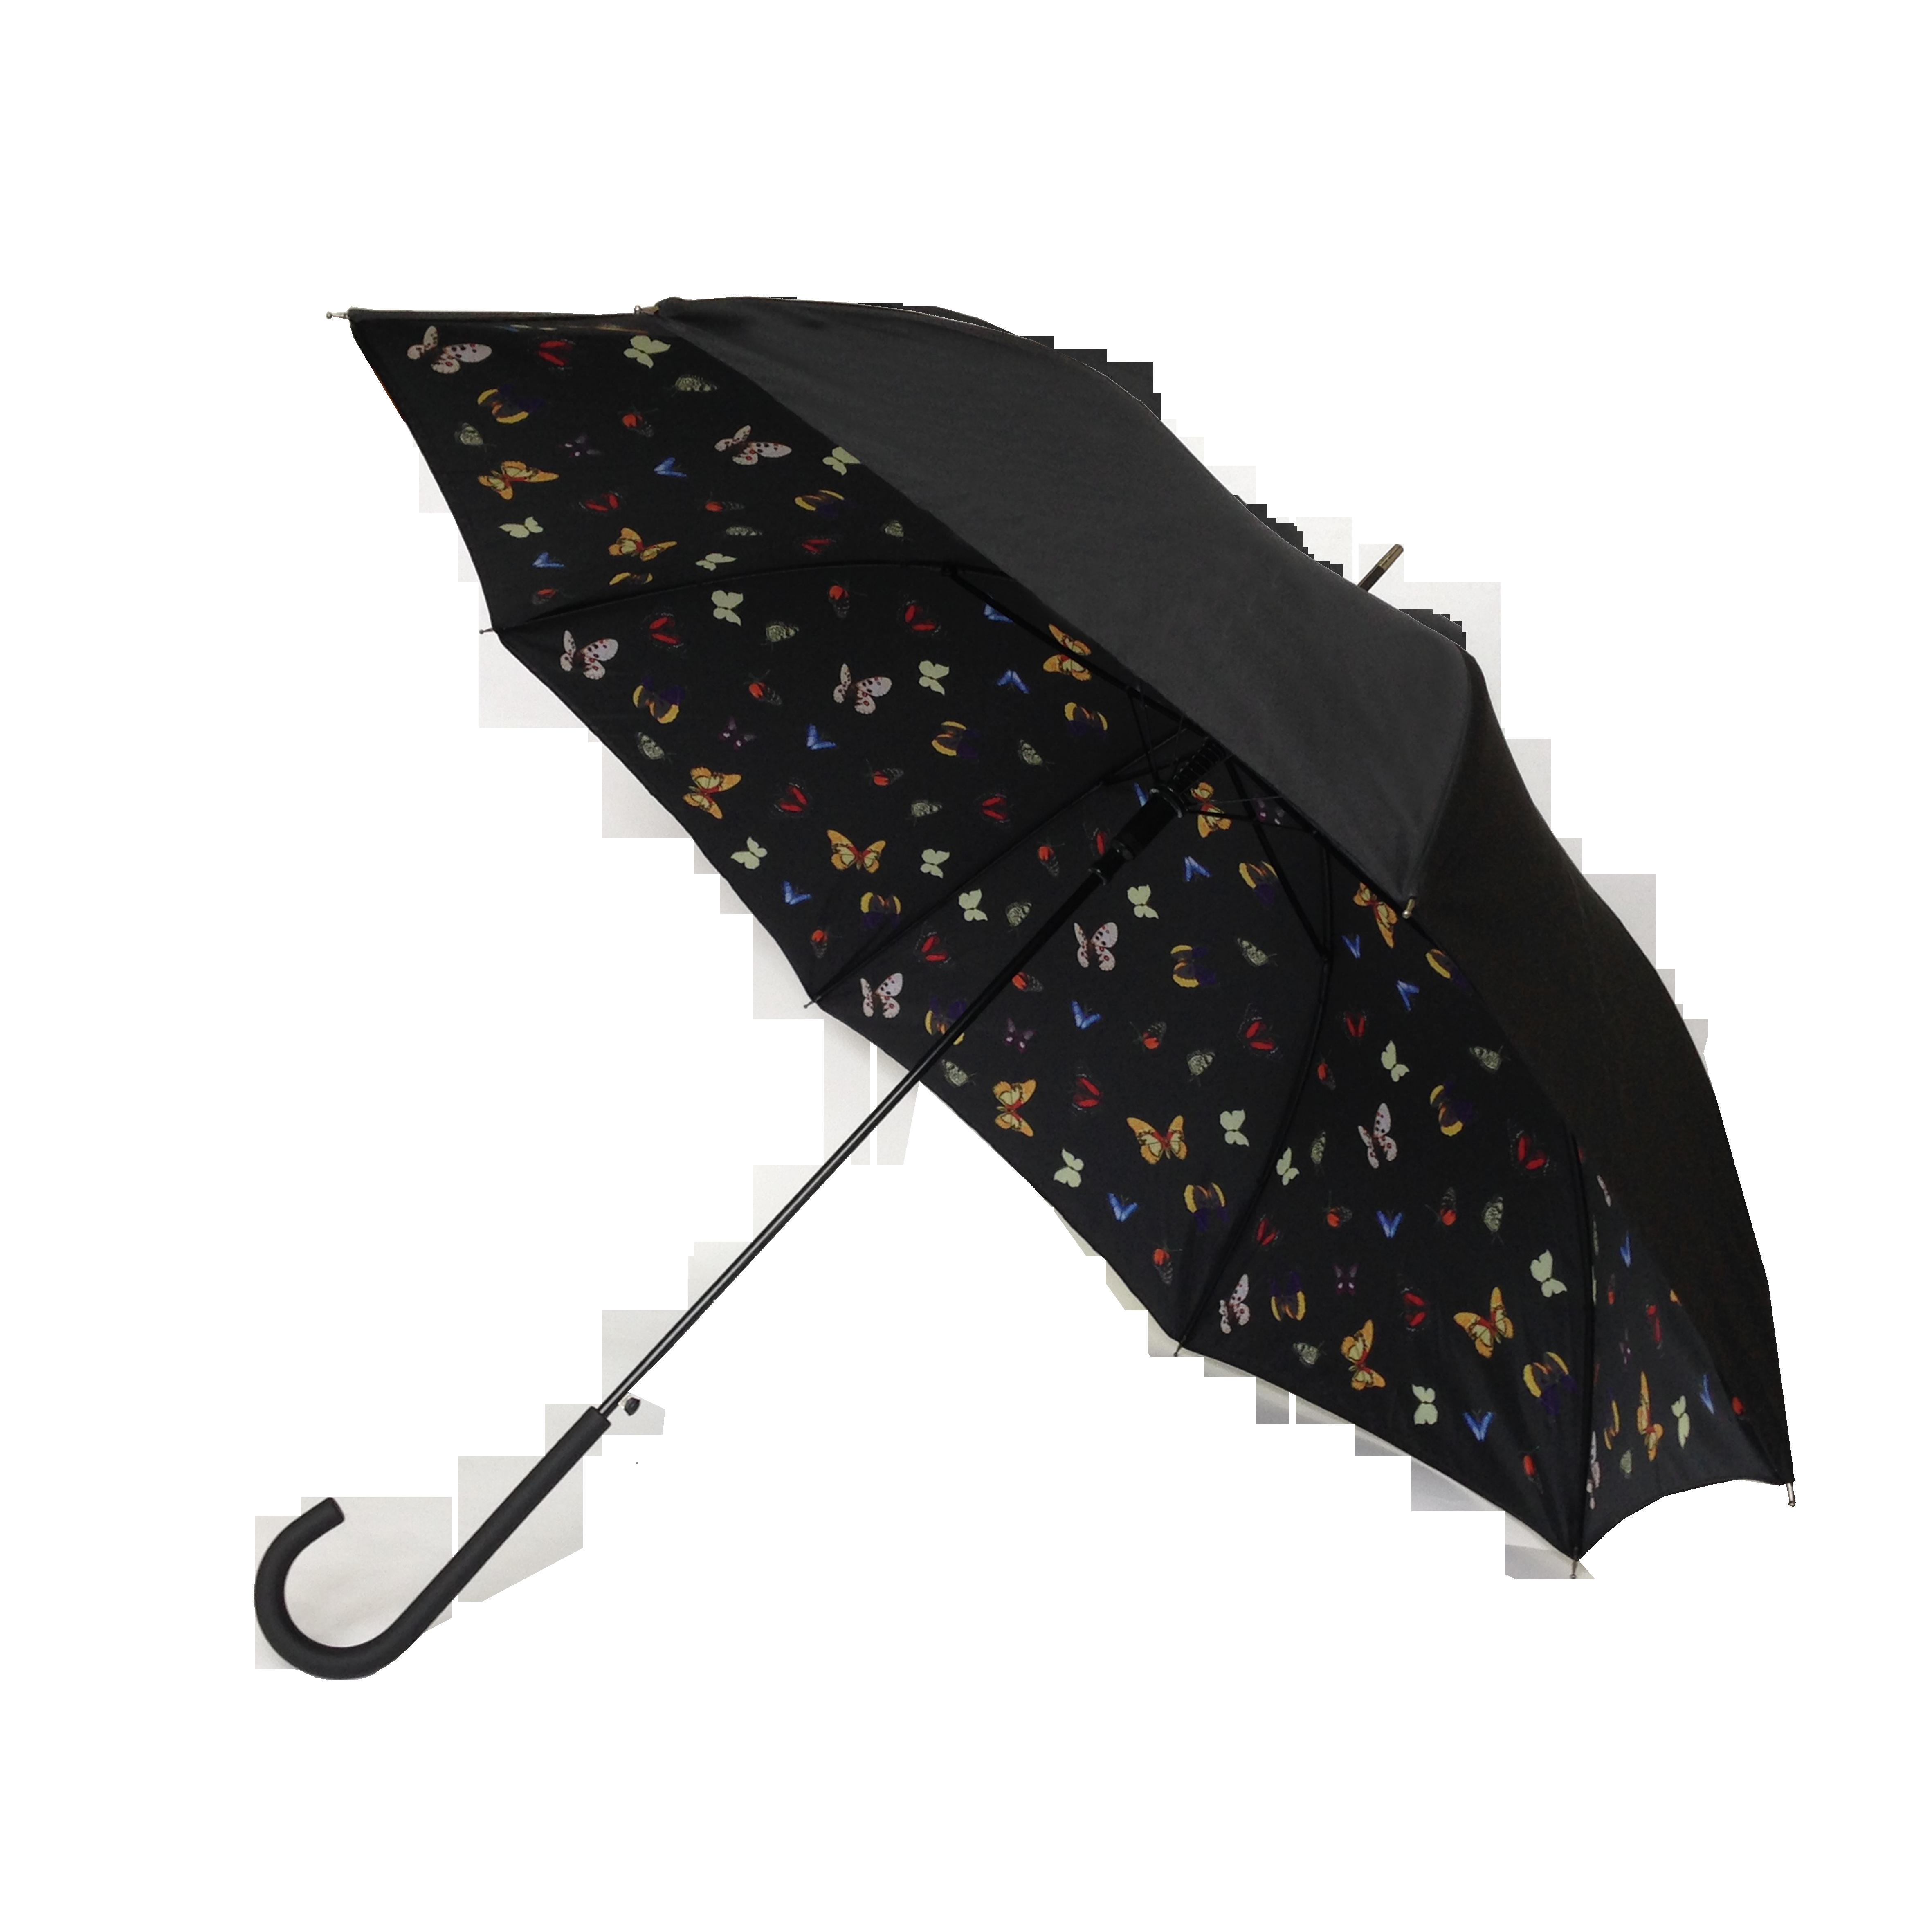 Parapluie droit femme automatique papillons kausia - Parapluie cloche transparent isotoner ...